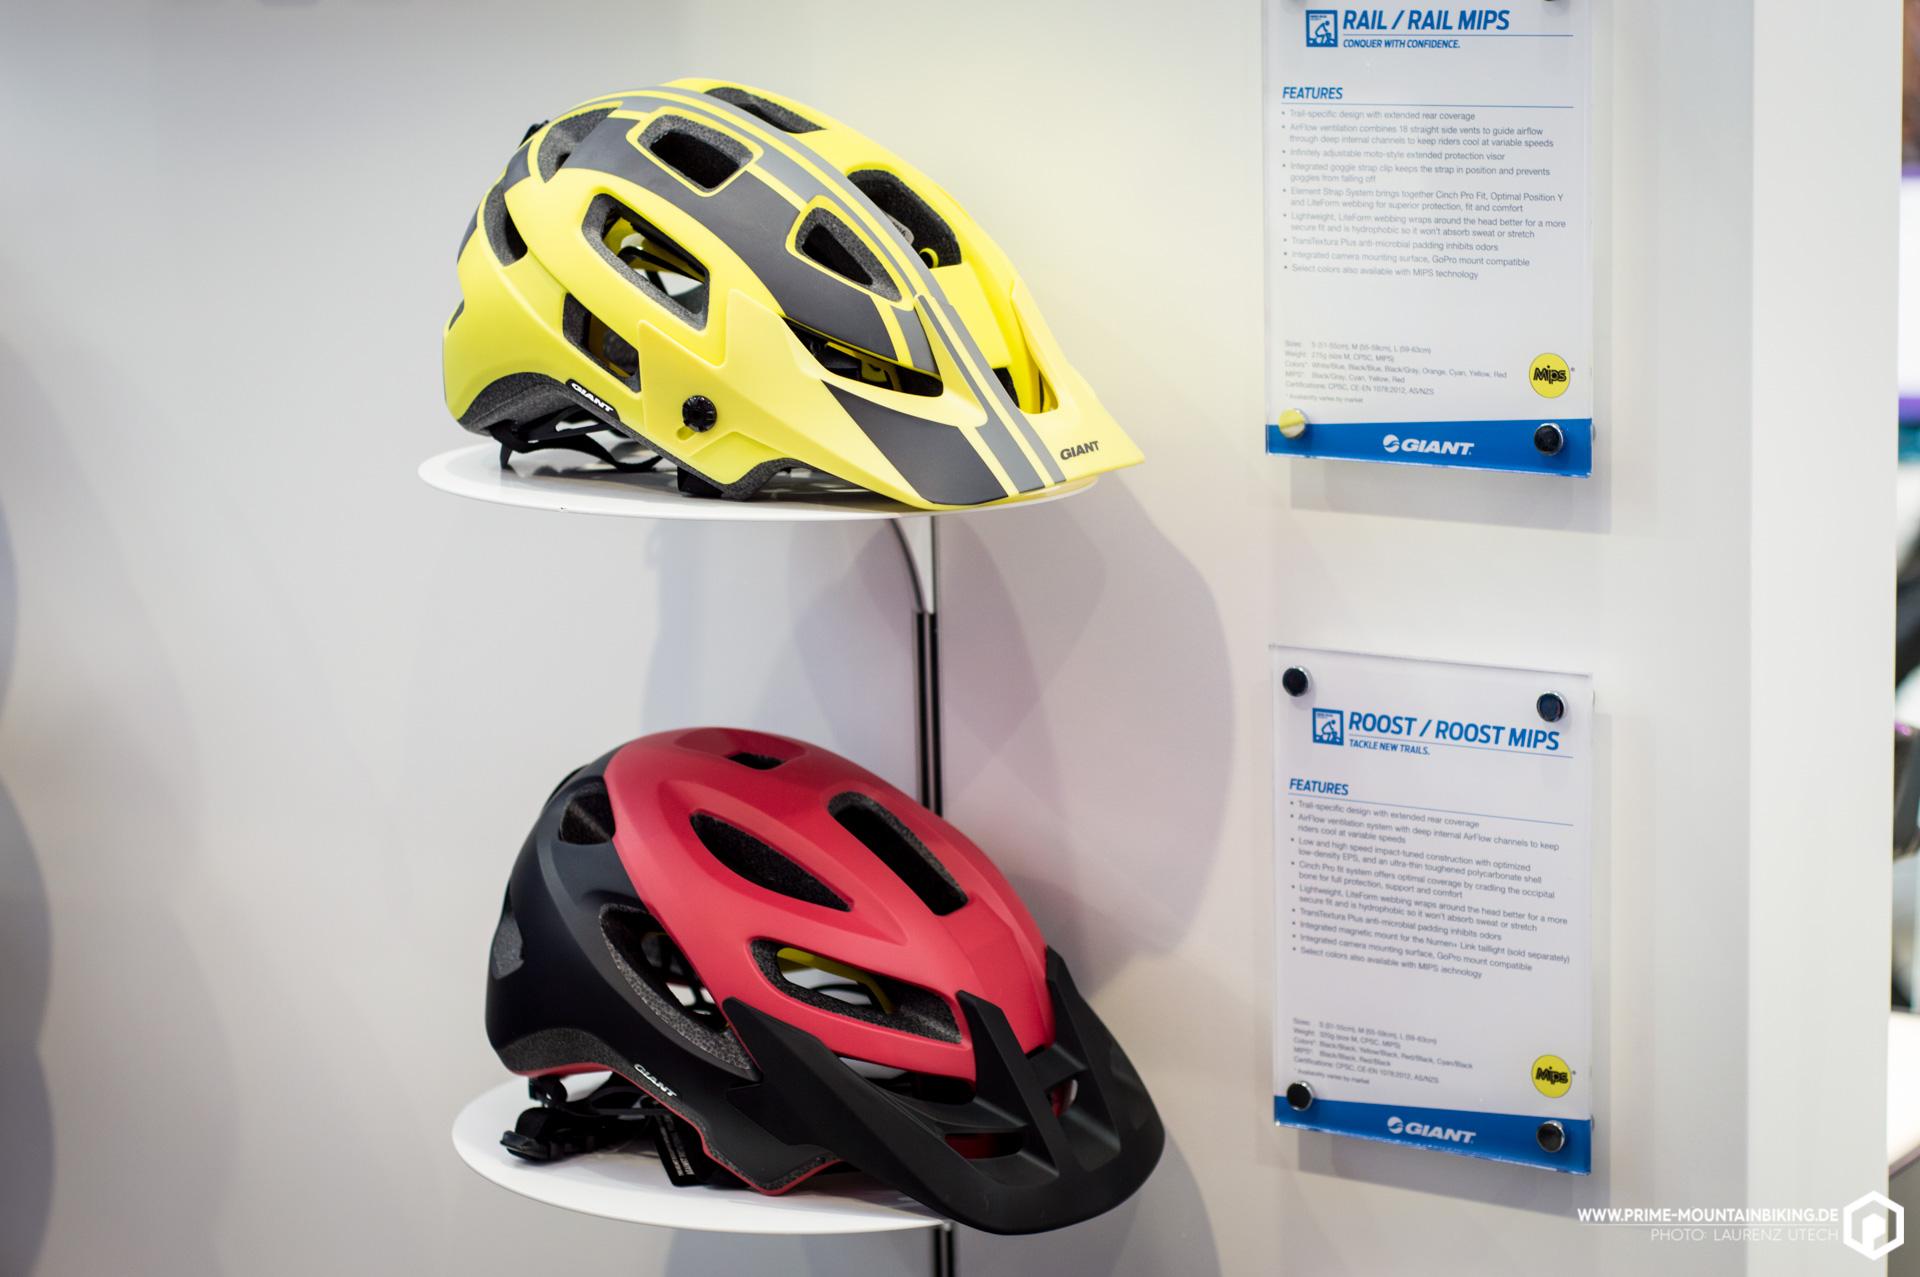 Neue Helme gibt es vom Bike-Hersteller Giant, der mit einer ganzen Reihe von neuen Zubehör-Produkten aufwarten kann. Weitere Infos dazu folgen!